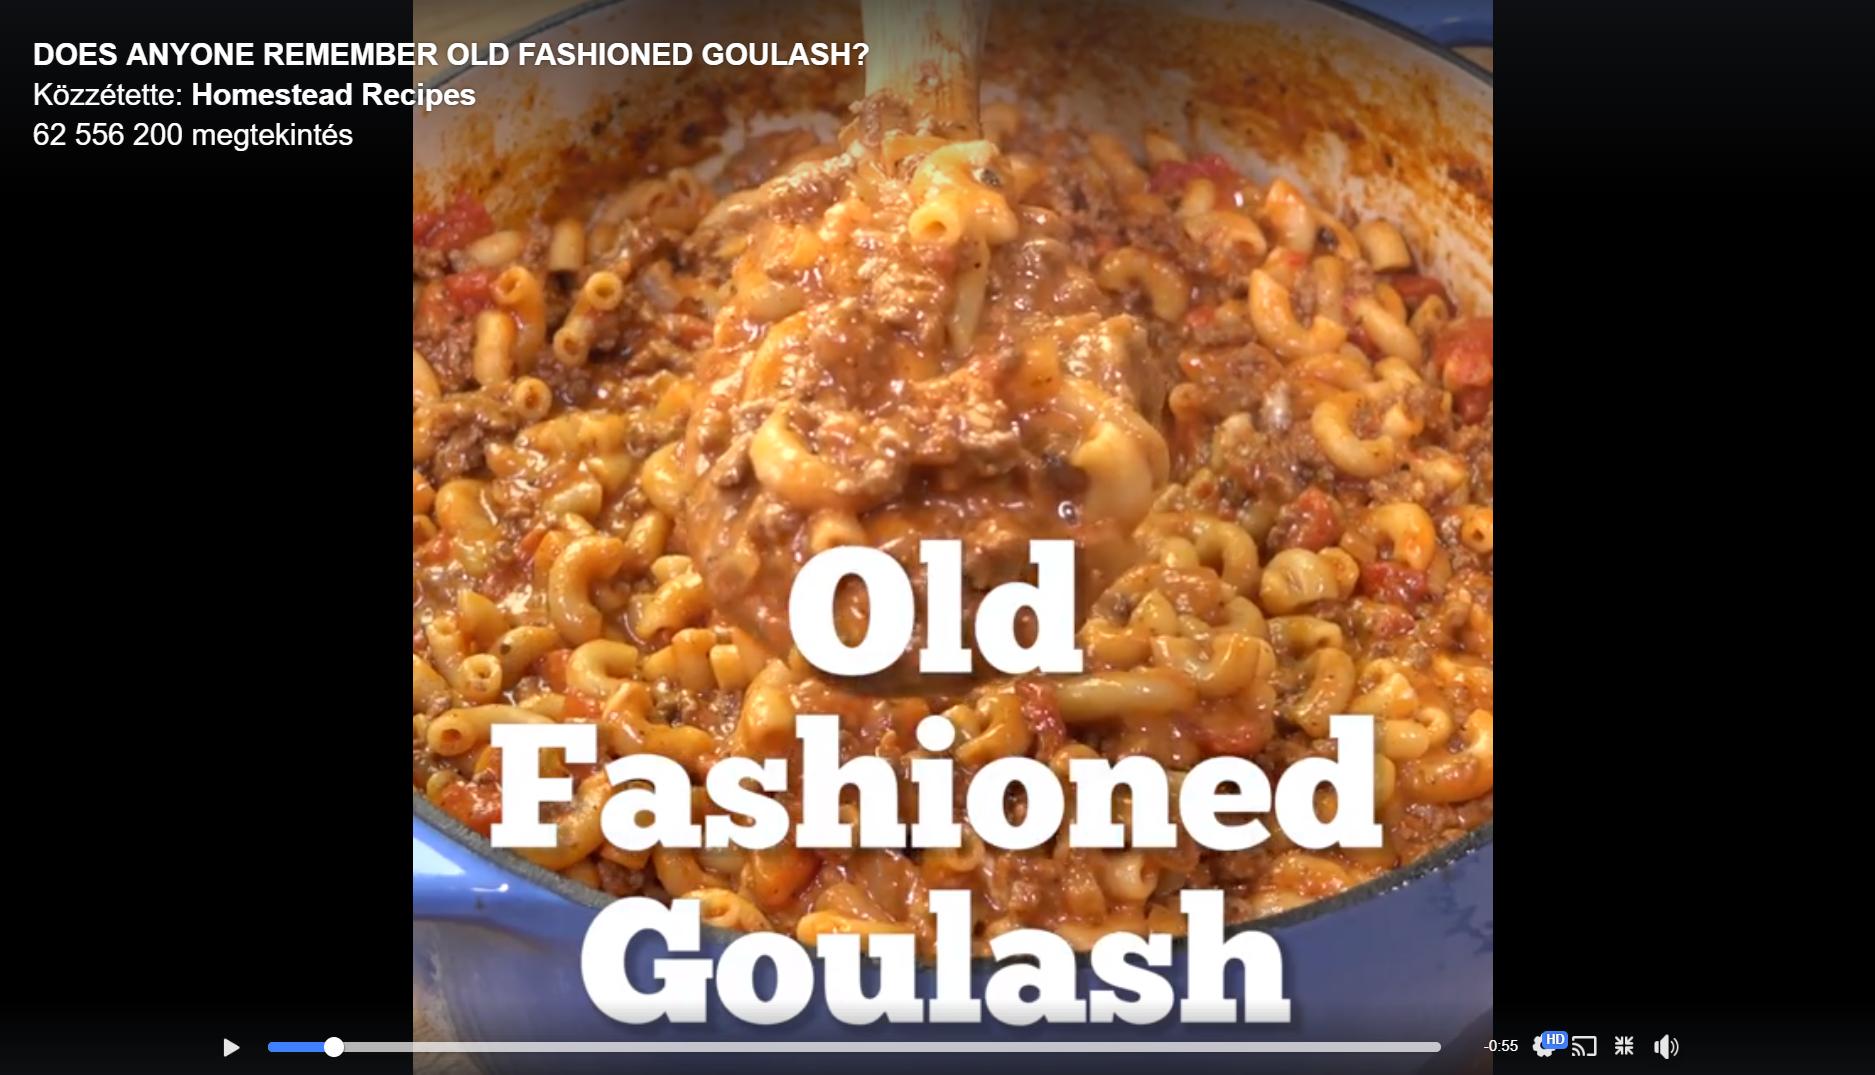 """Eddig 62 millióan látták a Facebookon a """"régimódi gulyás"""" receptjét sok cheddar sajttal, mozzarellával, darált pulykahússal és más finomságokkal"""